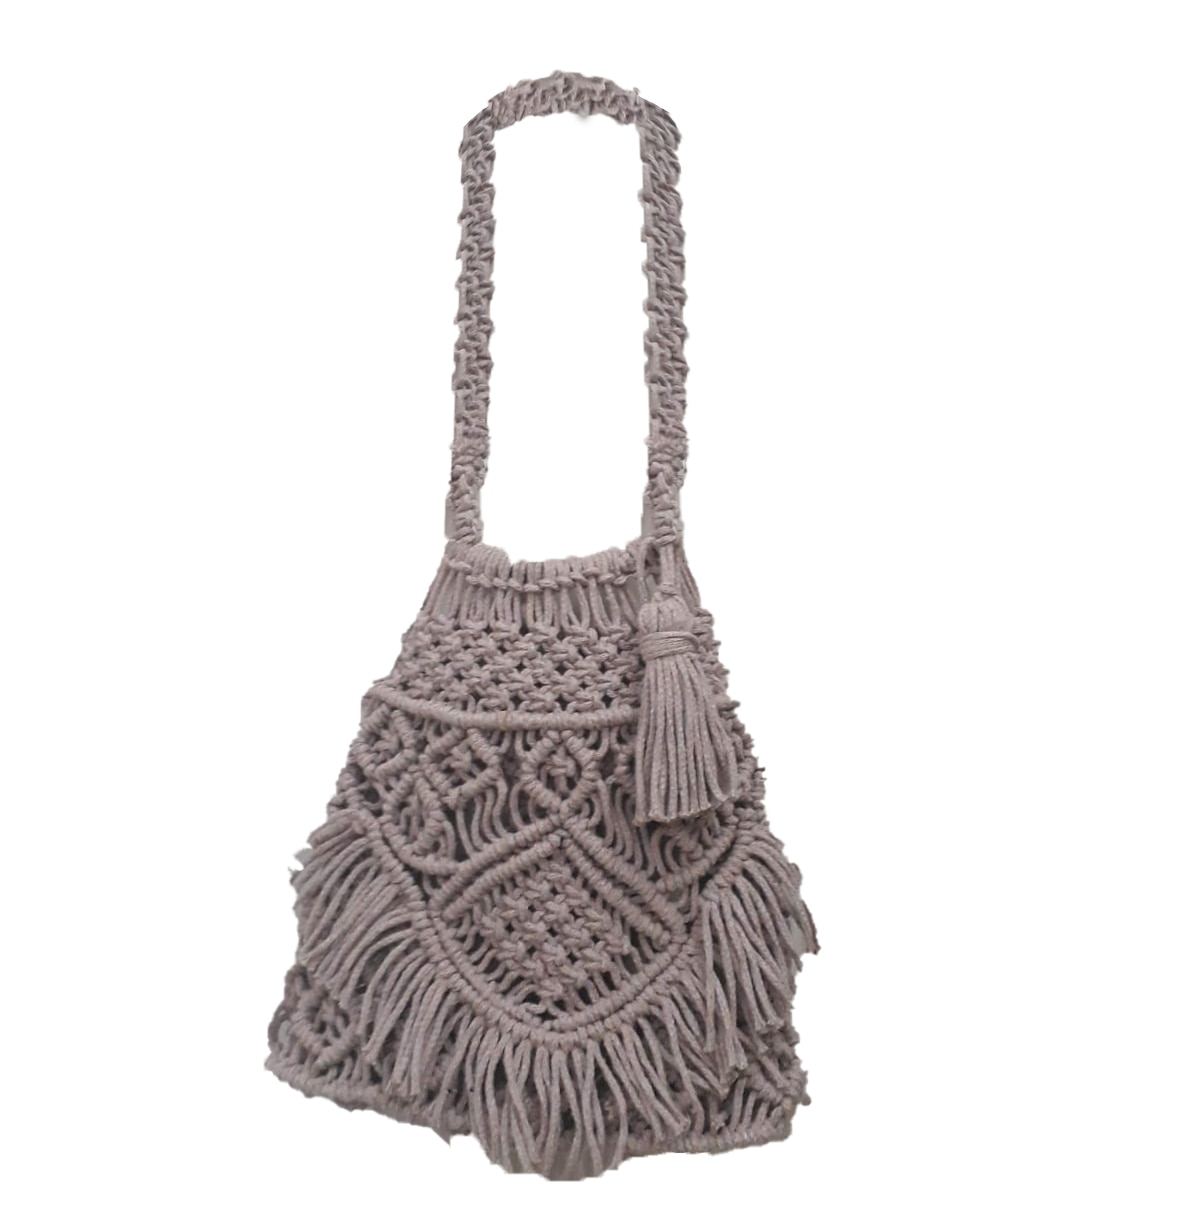 Сумка макраме ручной работы, вязаная, стильная сумка, женская сумка, натуральный, специальный дизайн, свободный дизайн, уникальная, маленька...